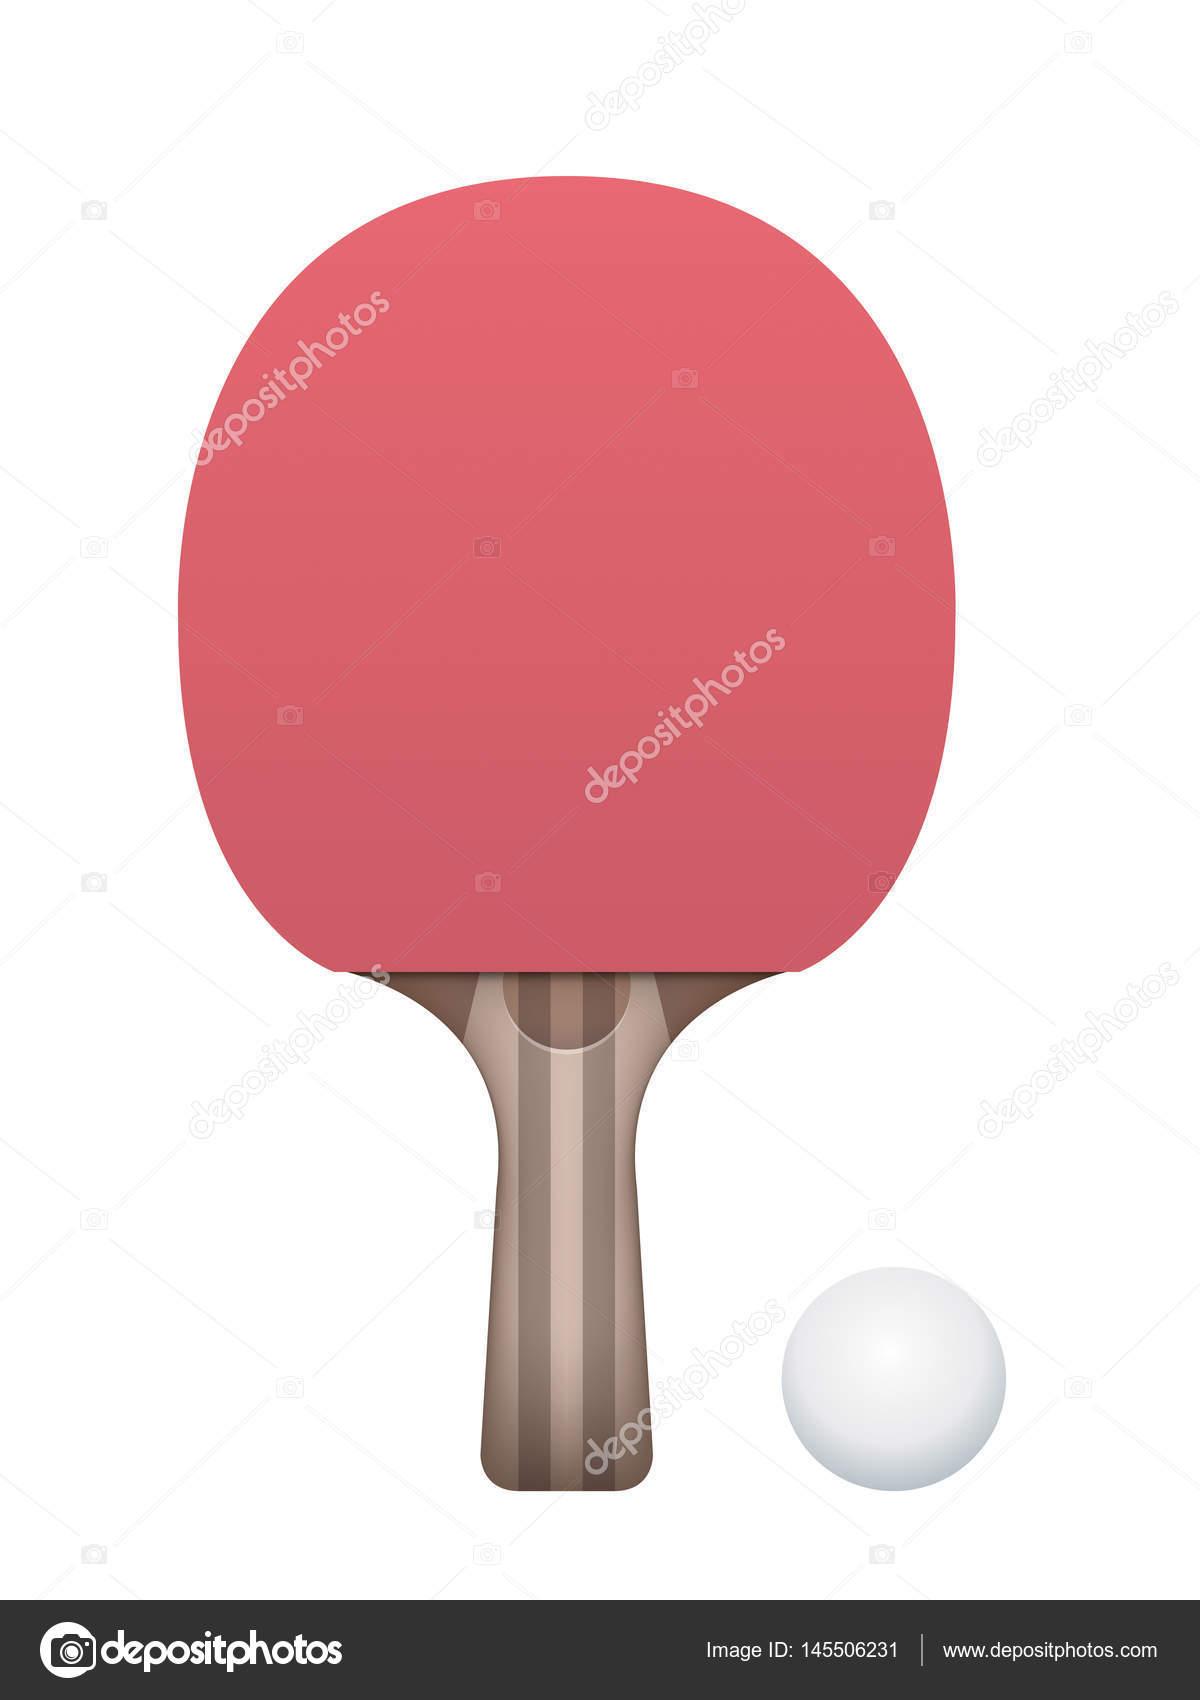 079612ca7 Raquete de tênis de mesa e ilustração de bola — Vetores de Stock ...